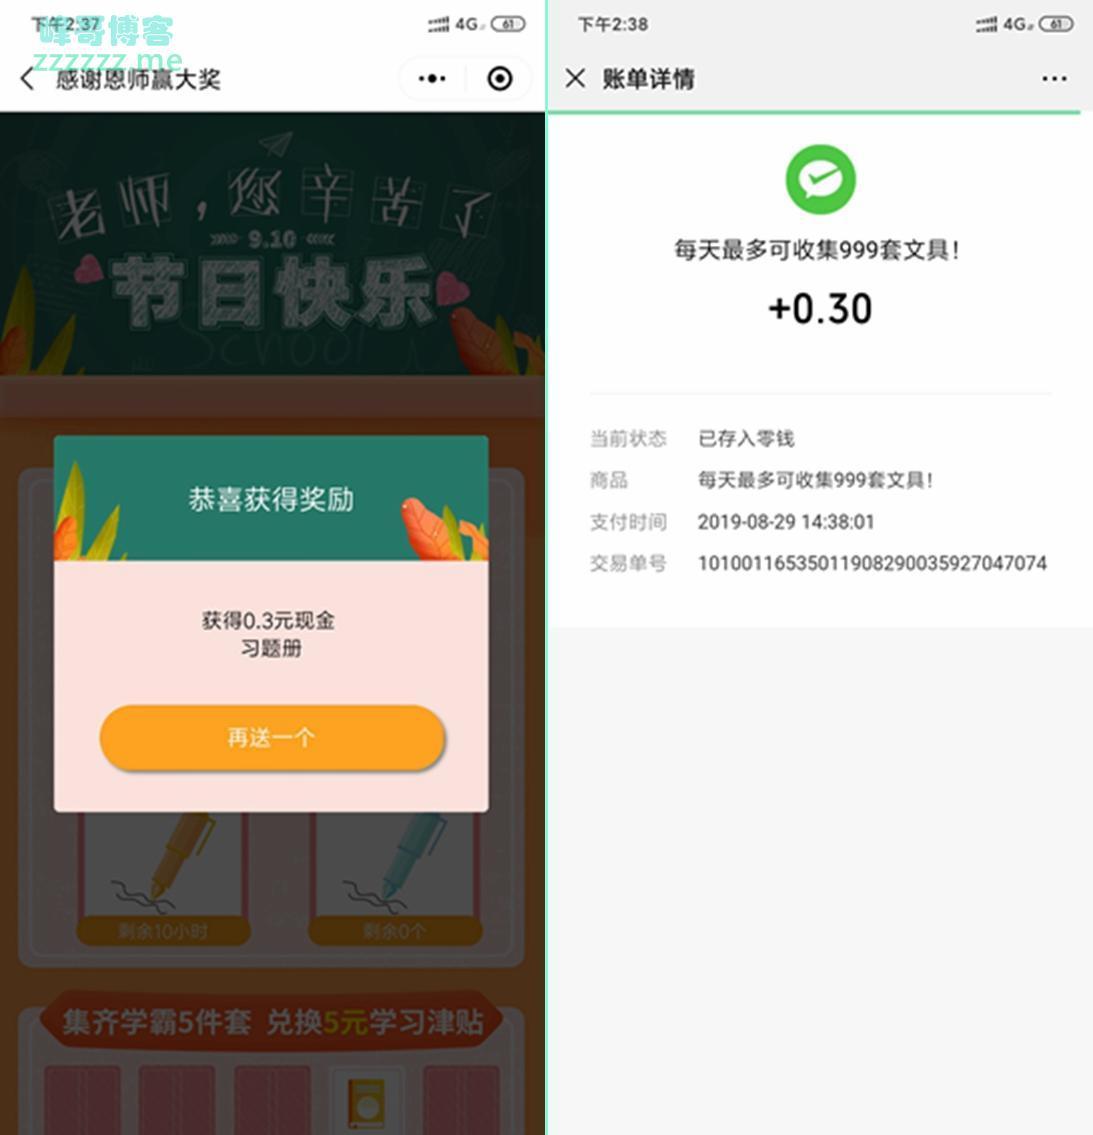 微信小程序感谢恩师赢大奖京东支付0.01元抽随机现金红包